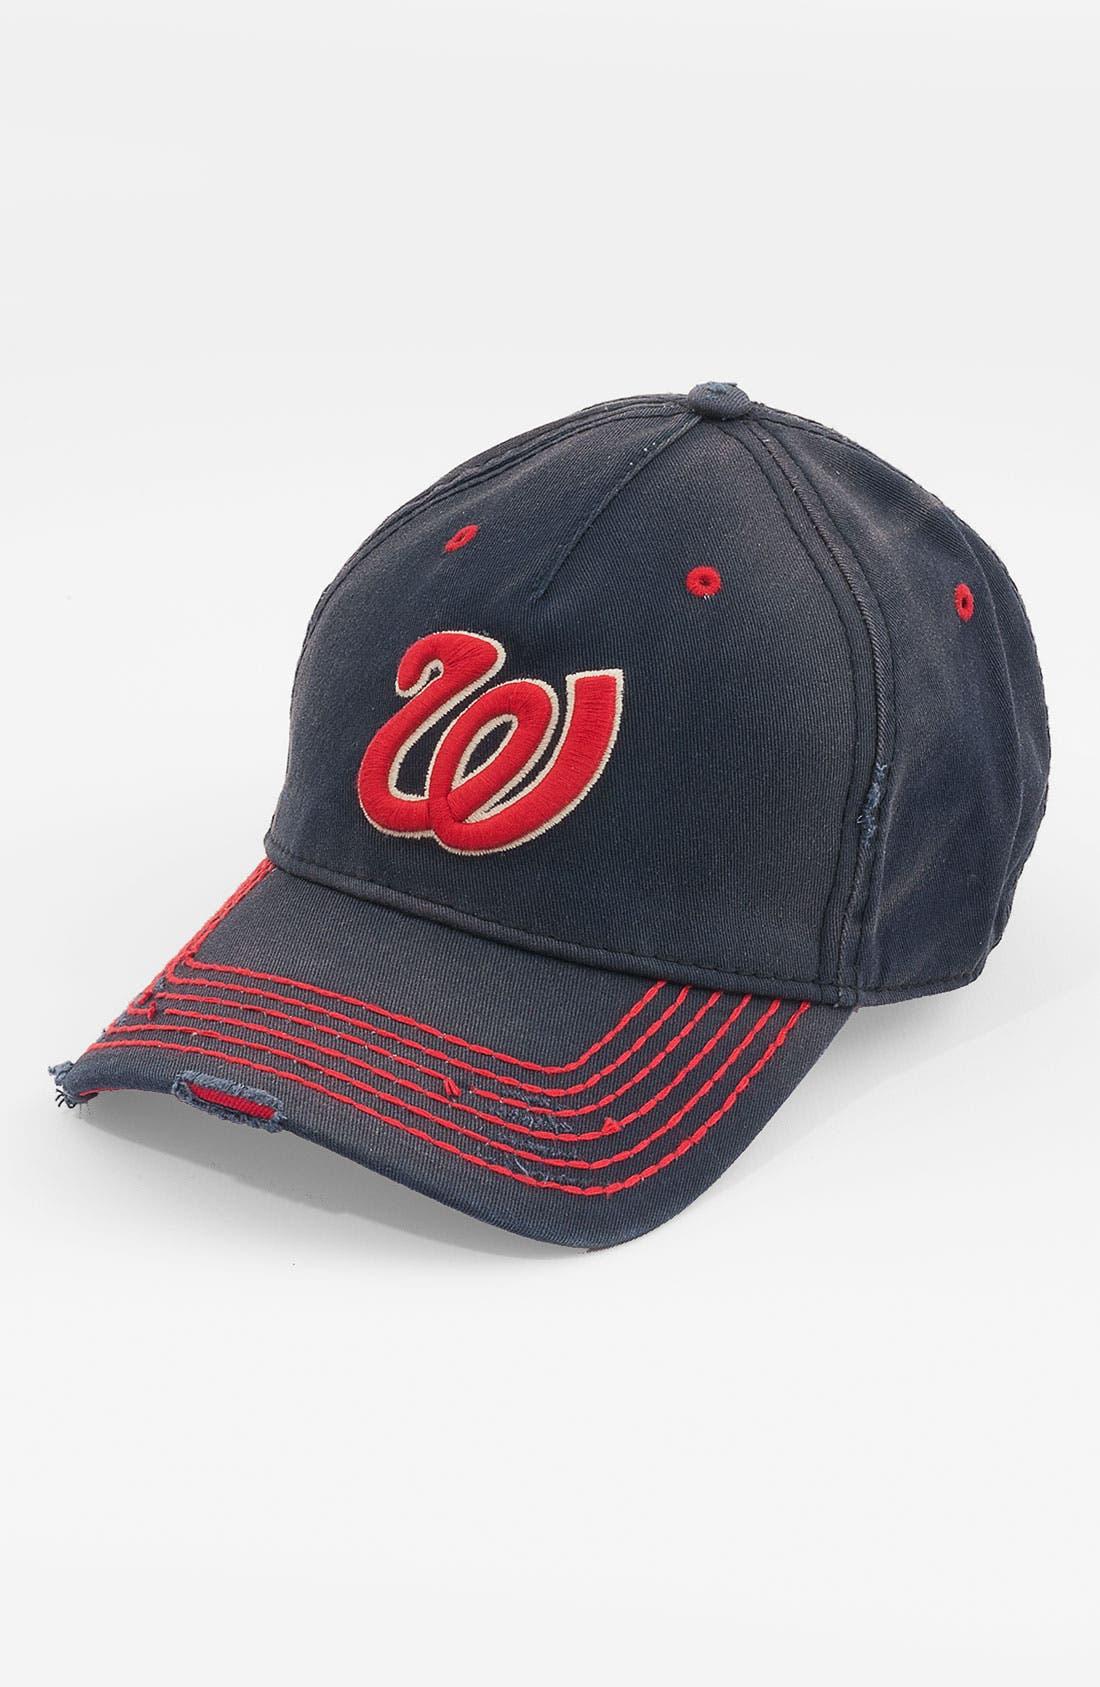 Main Image - American Needle 'Washington Senators' Baseball Cap